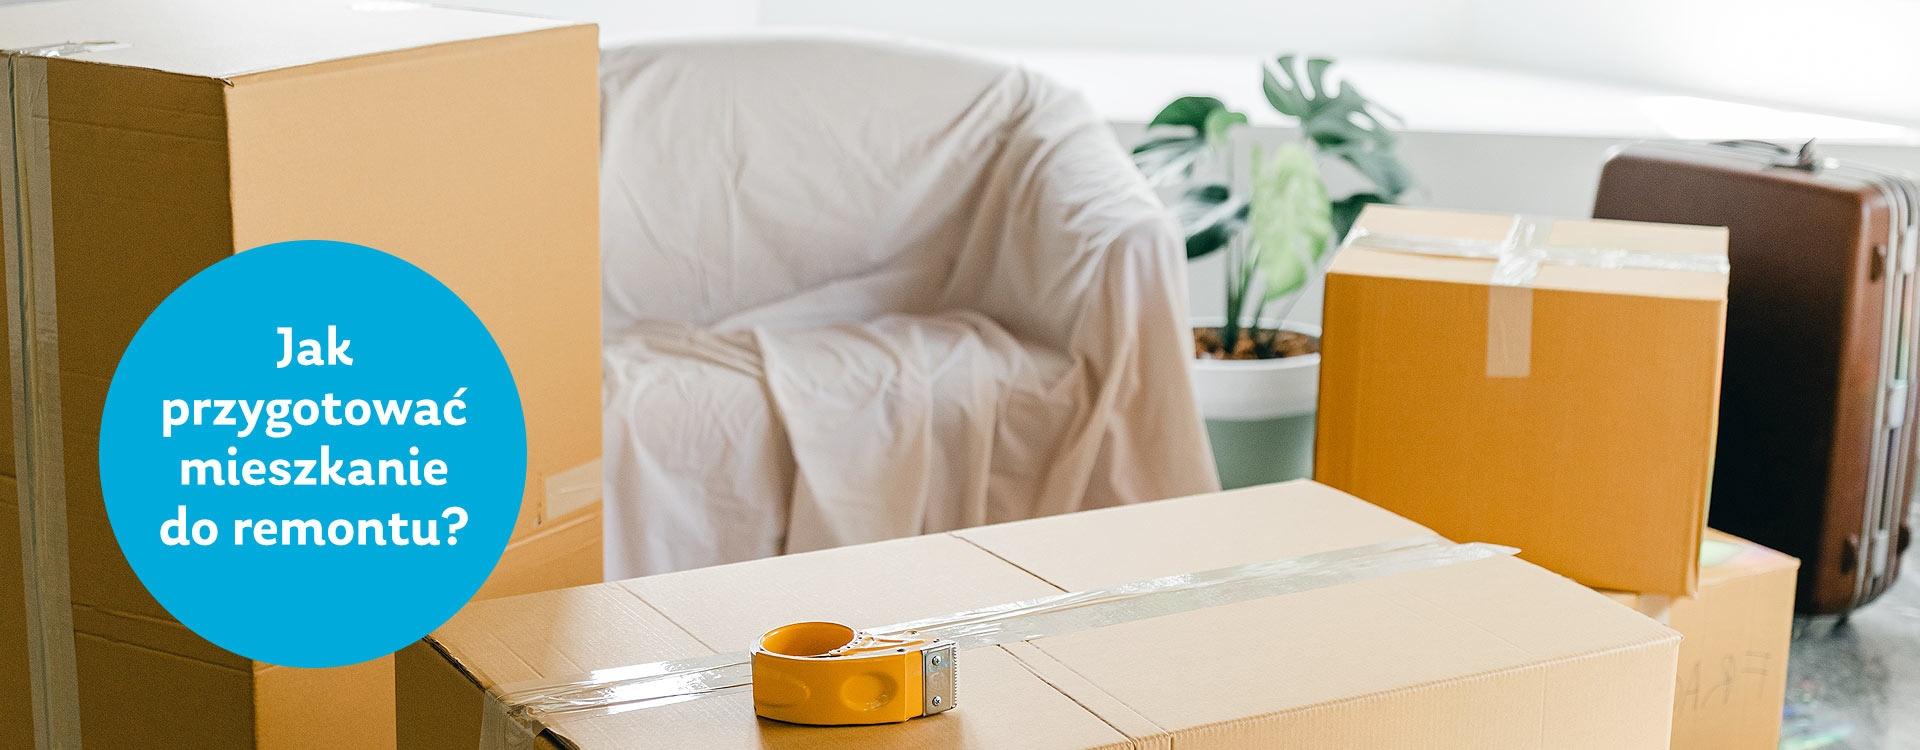 Jak przygotować mieszkanie do remontu? 3 najlepsze praktyki